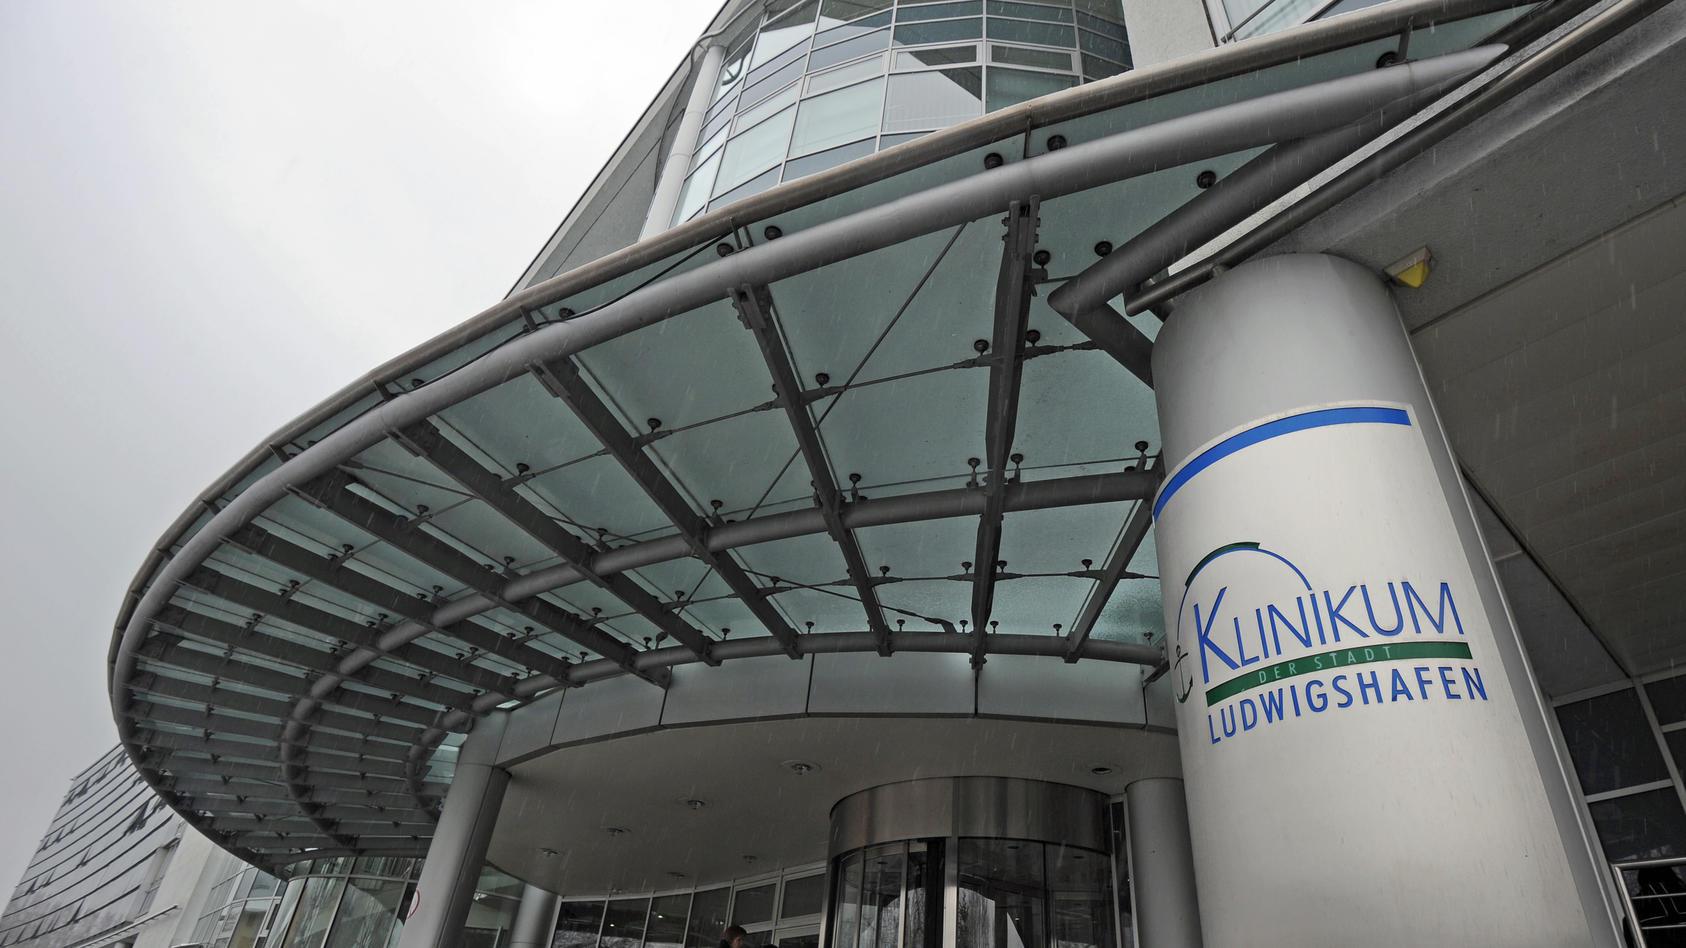 Das Städtische Klinikum am Montag (29.11.2010) in Ludwigshafen. Der bisherige Anästhesiechef der Klinik steht im Verdacht, eine wissenschaftliche Studie über die Wirksamkeit eines weitverbreiteten Blutplasma-Ersatzes gefälscht zu haben